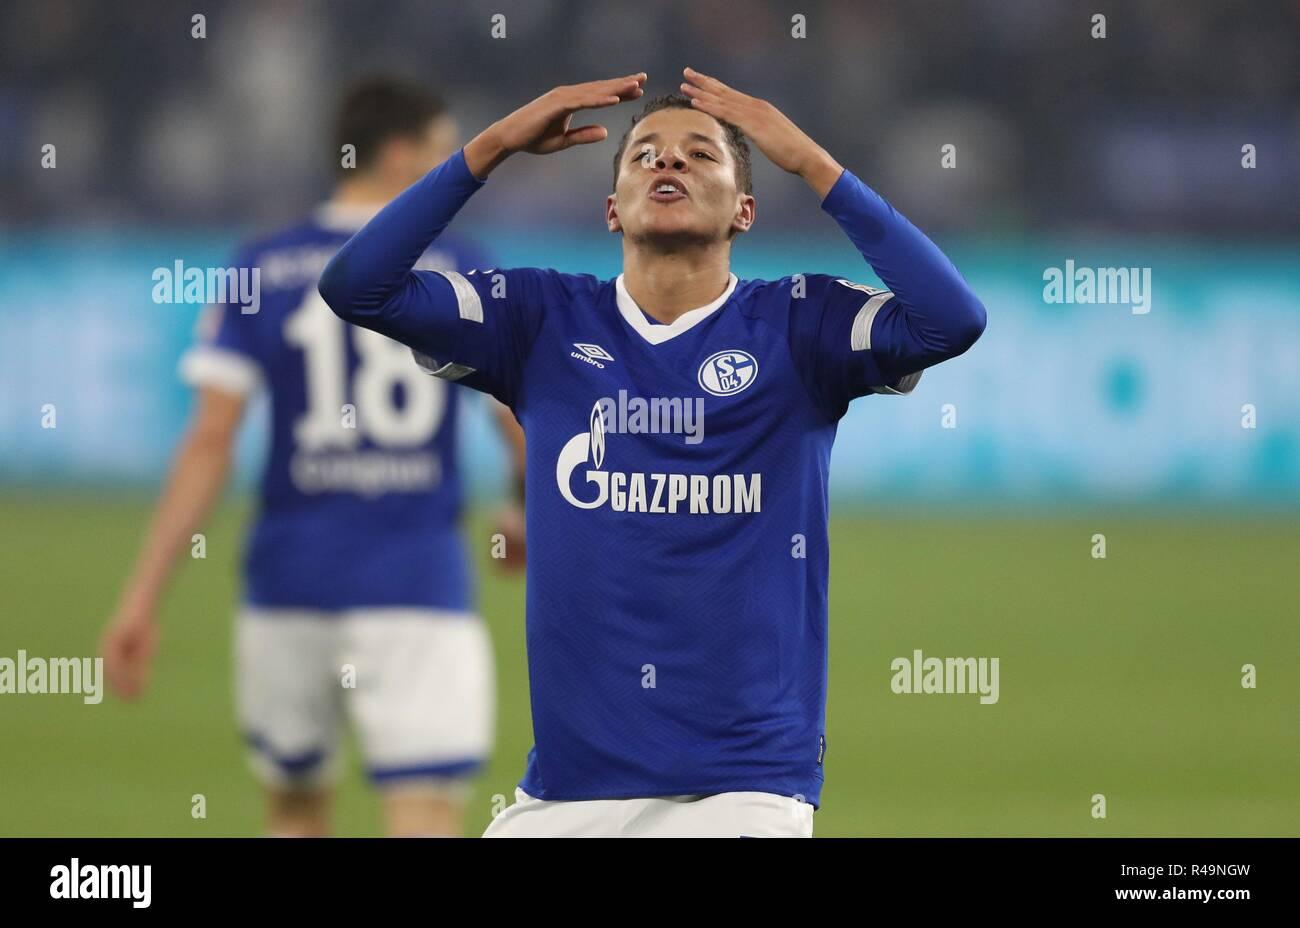 Firo: 24.11.2018 Fußball, Fußball, 1.Bundesliga, Saison 2018/2019, FC Schalke 04 - 1.FC Nürnberg 5:2 Geste, Amin Harit, Jubel | Verwendung weltweit Stockbild